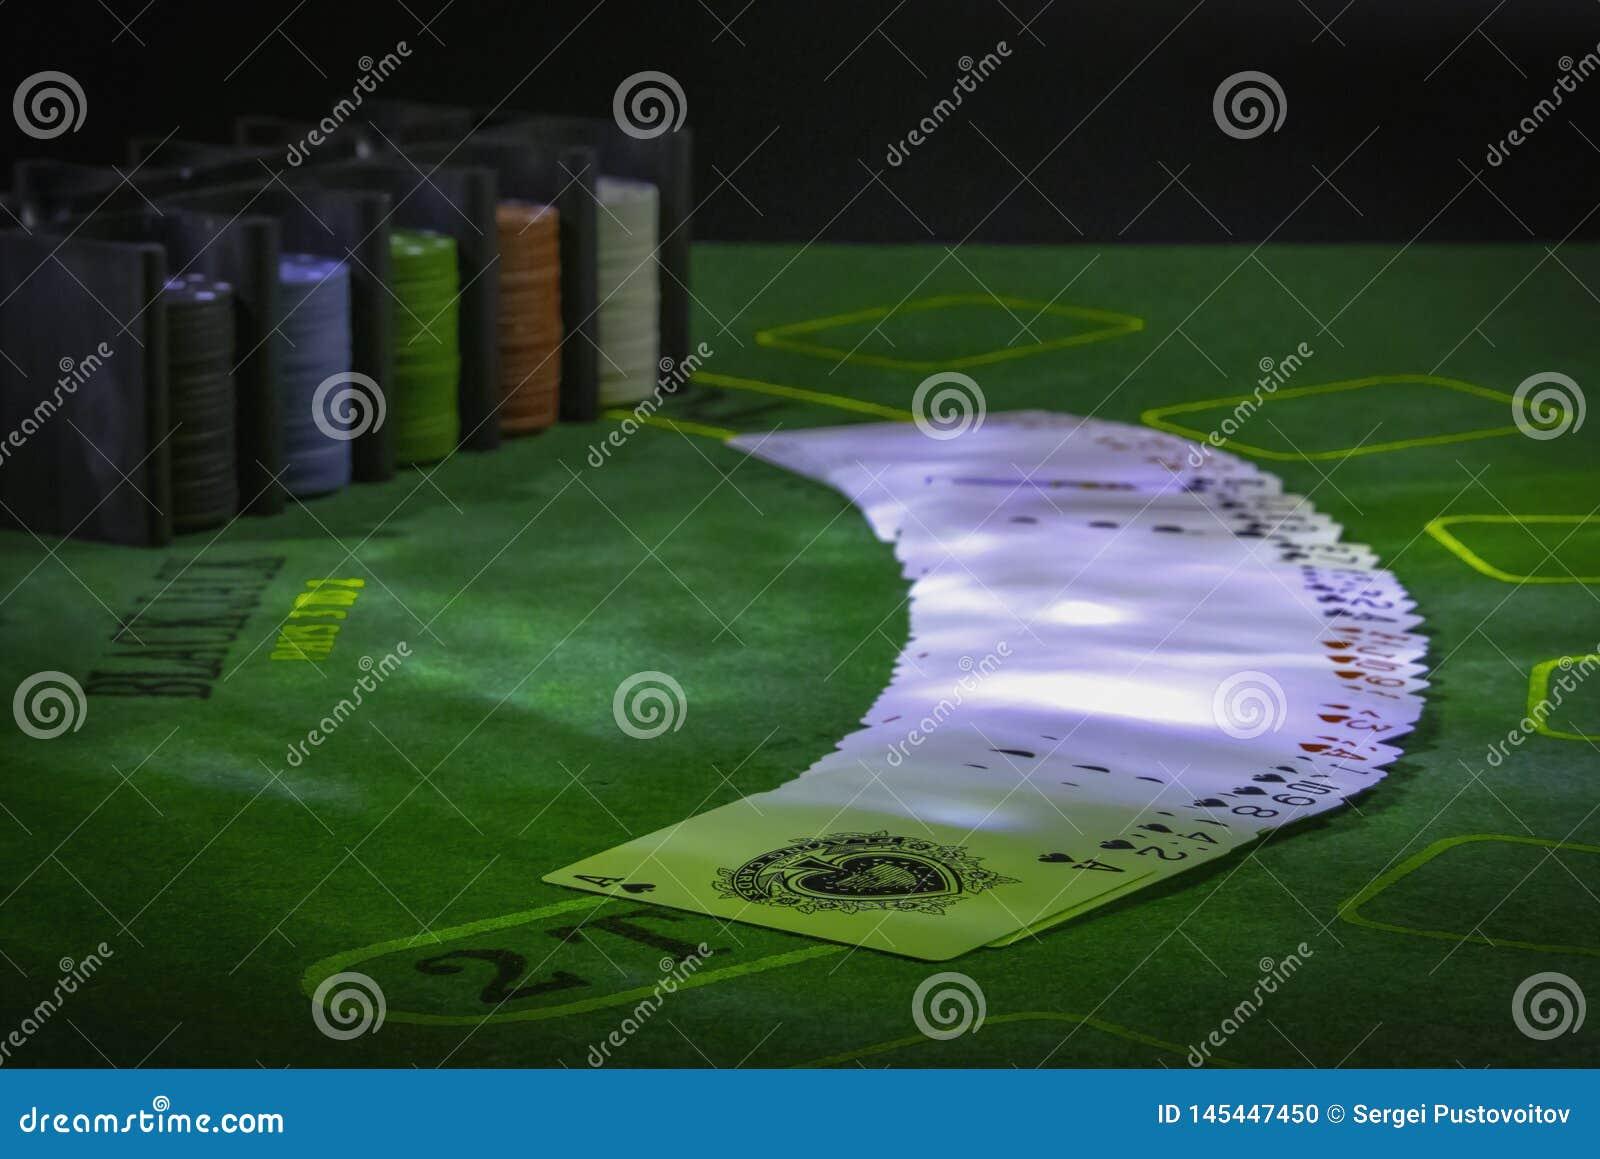 Pryda av spela kort och kasinochiper på den gröna tabellen för blackjacken som tänds med partiljus